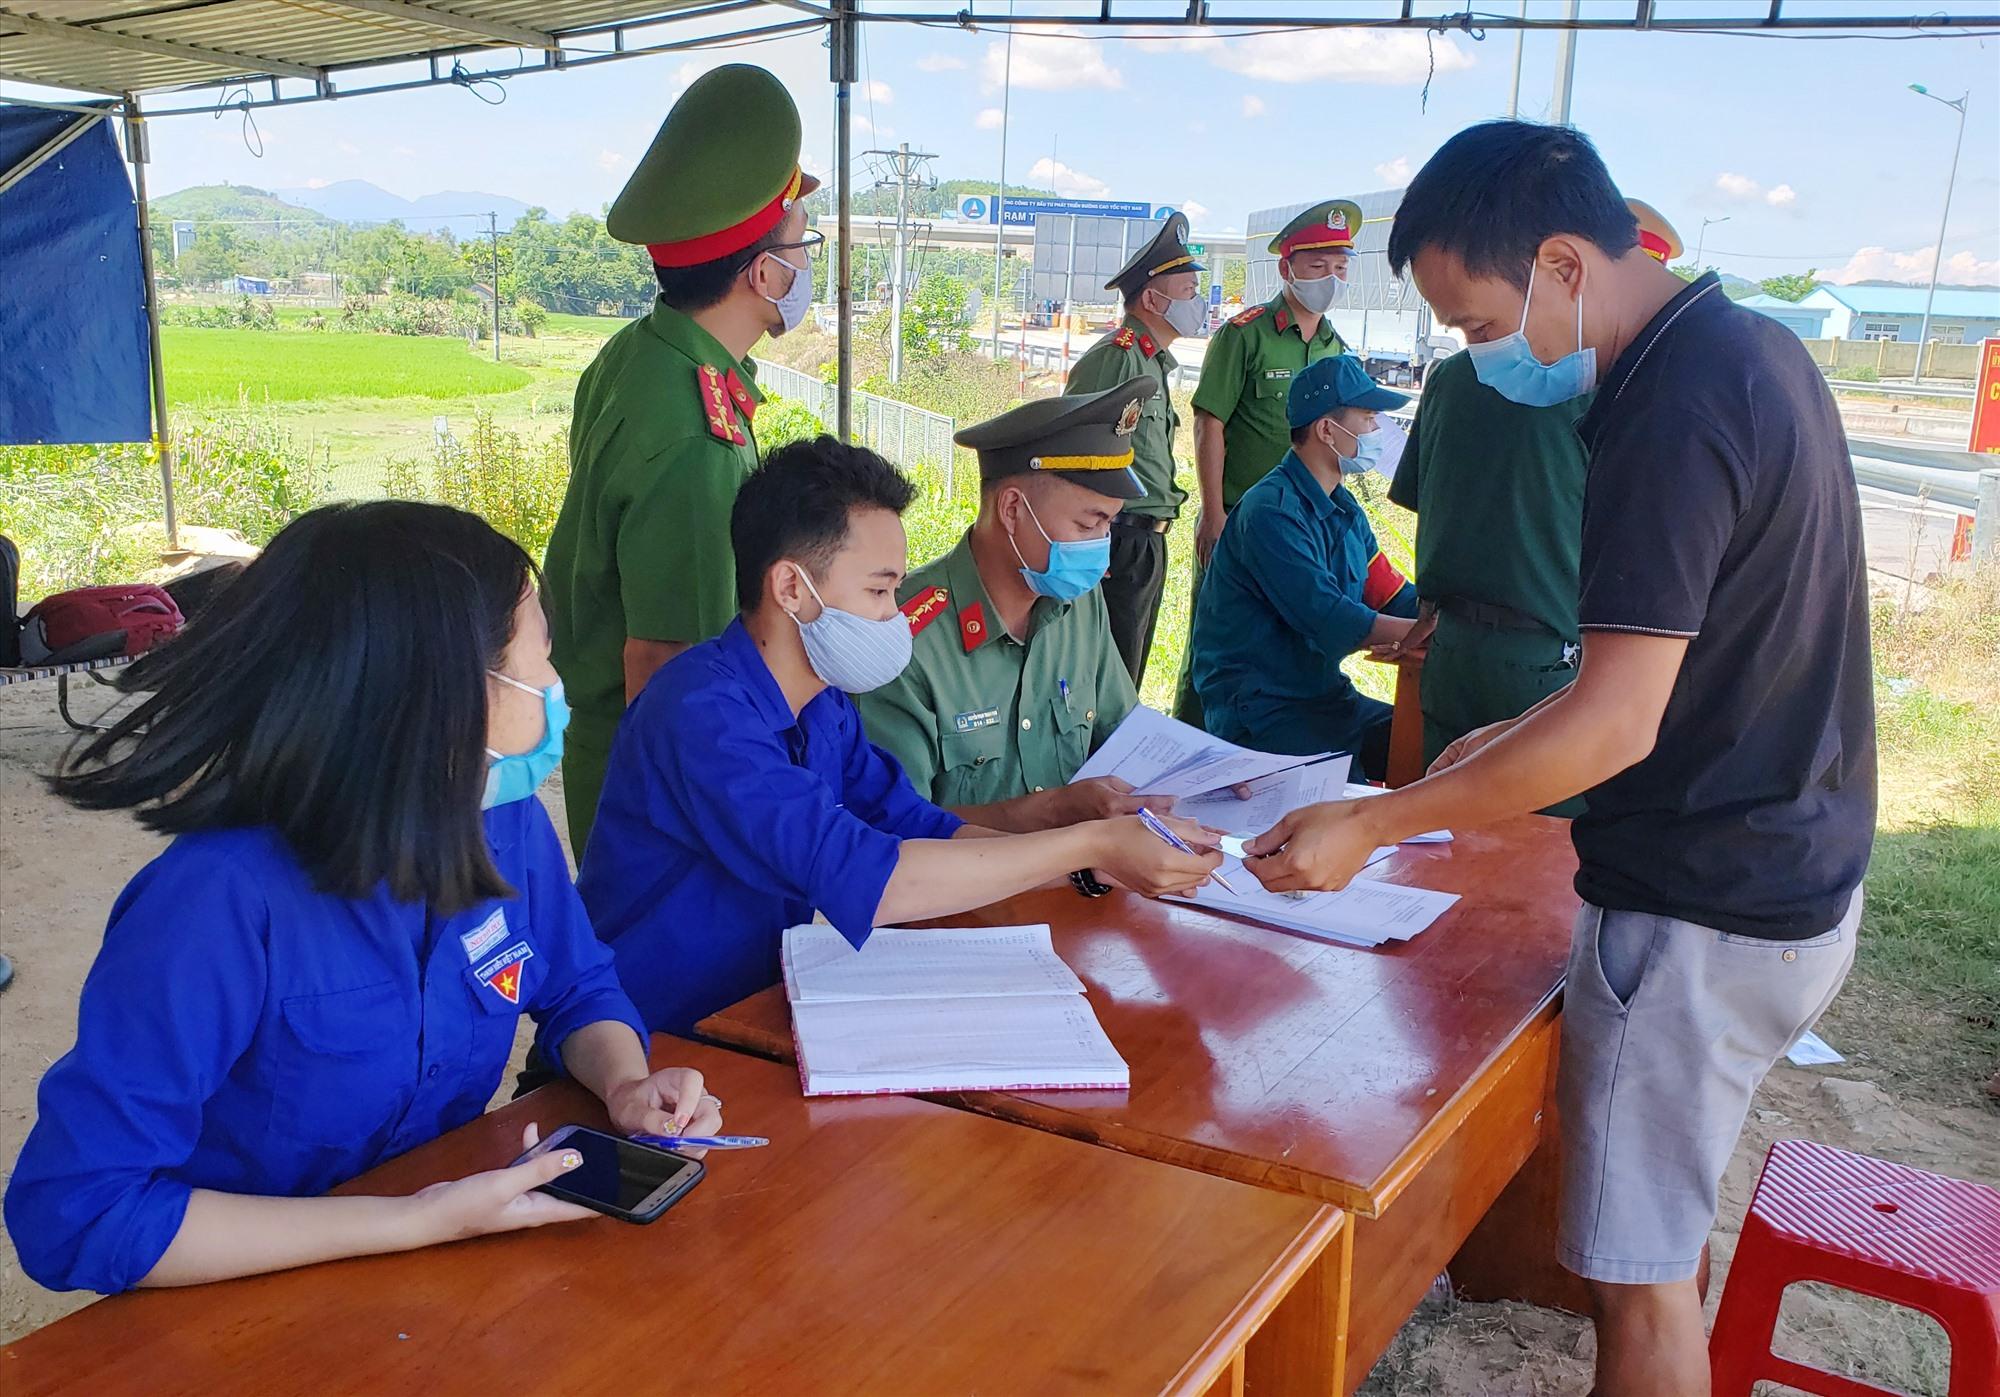 Chốt kiểm soát dịch tại huyện Phú Ninh. Ảnh: H.A